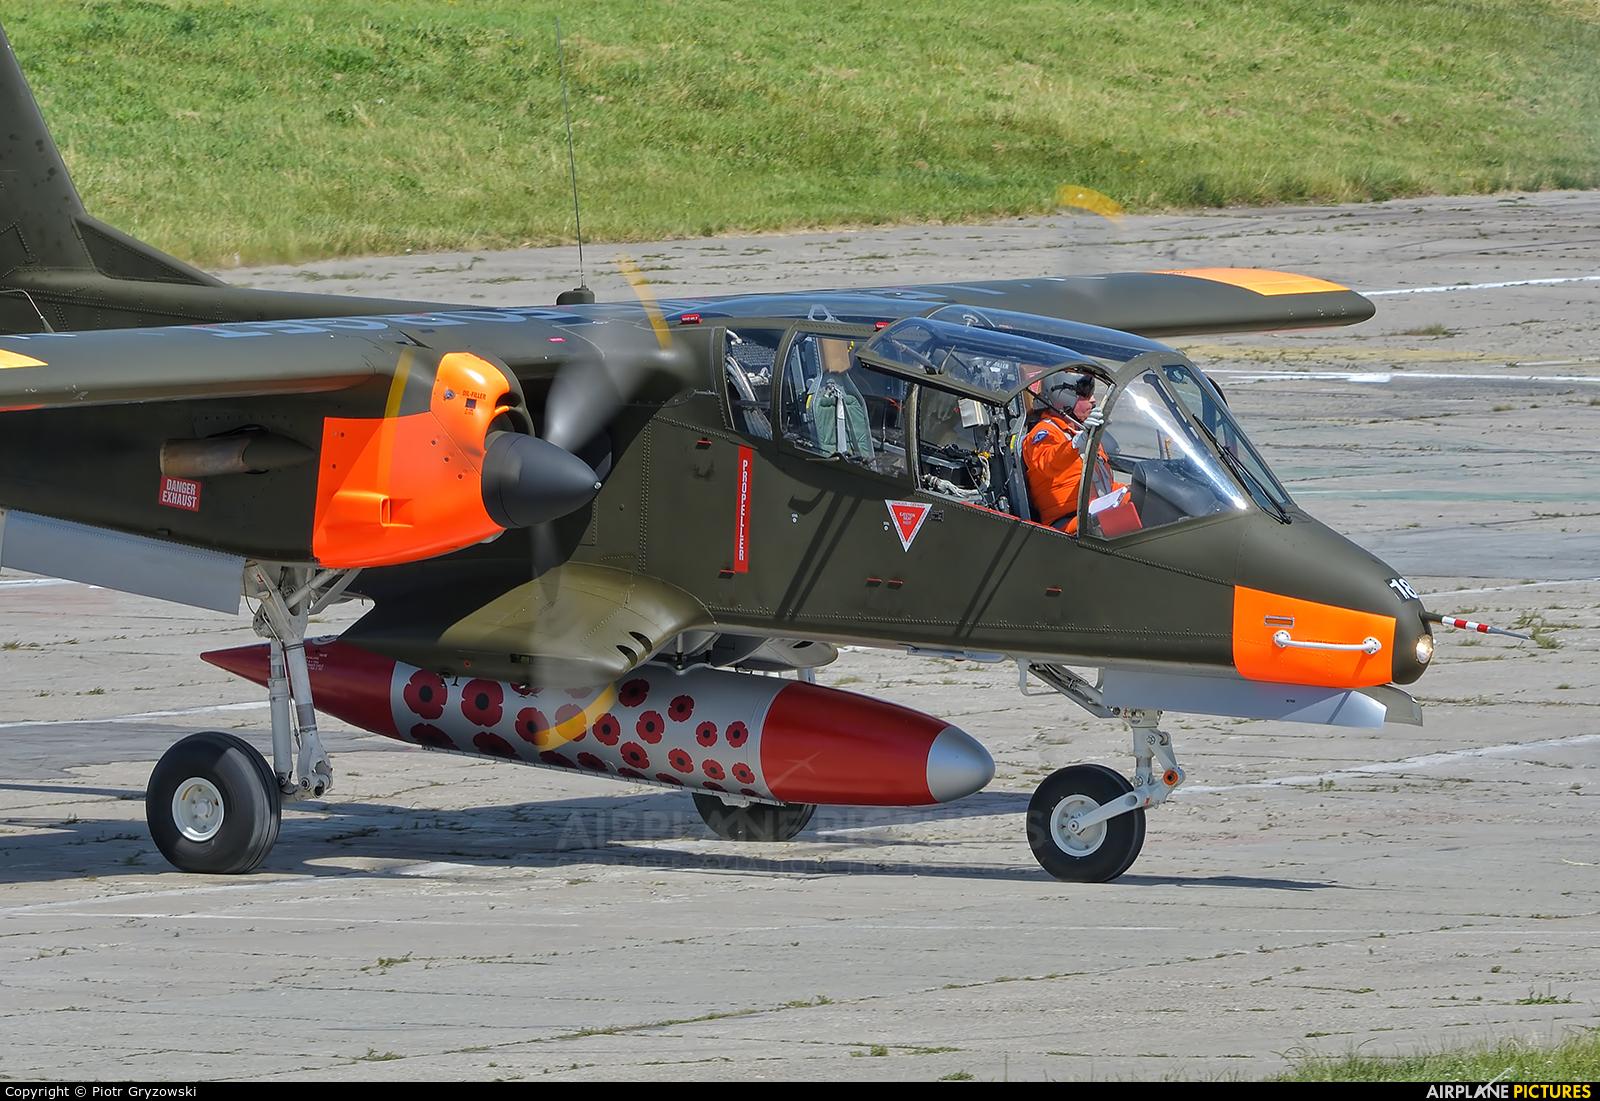 Bronco Demo Team G-ONAA aircraft at Kraków, Rakowice Czyżyny - Museum of Polish Aviation